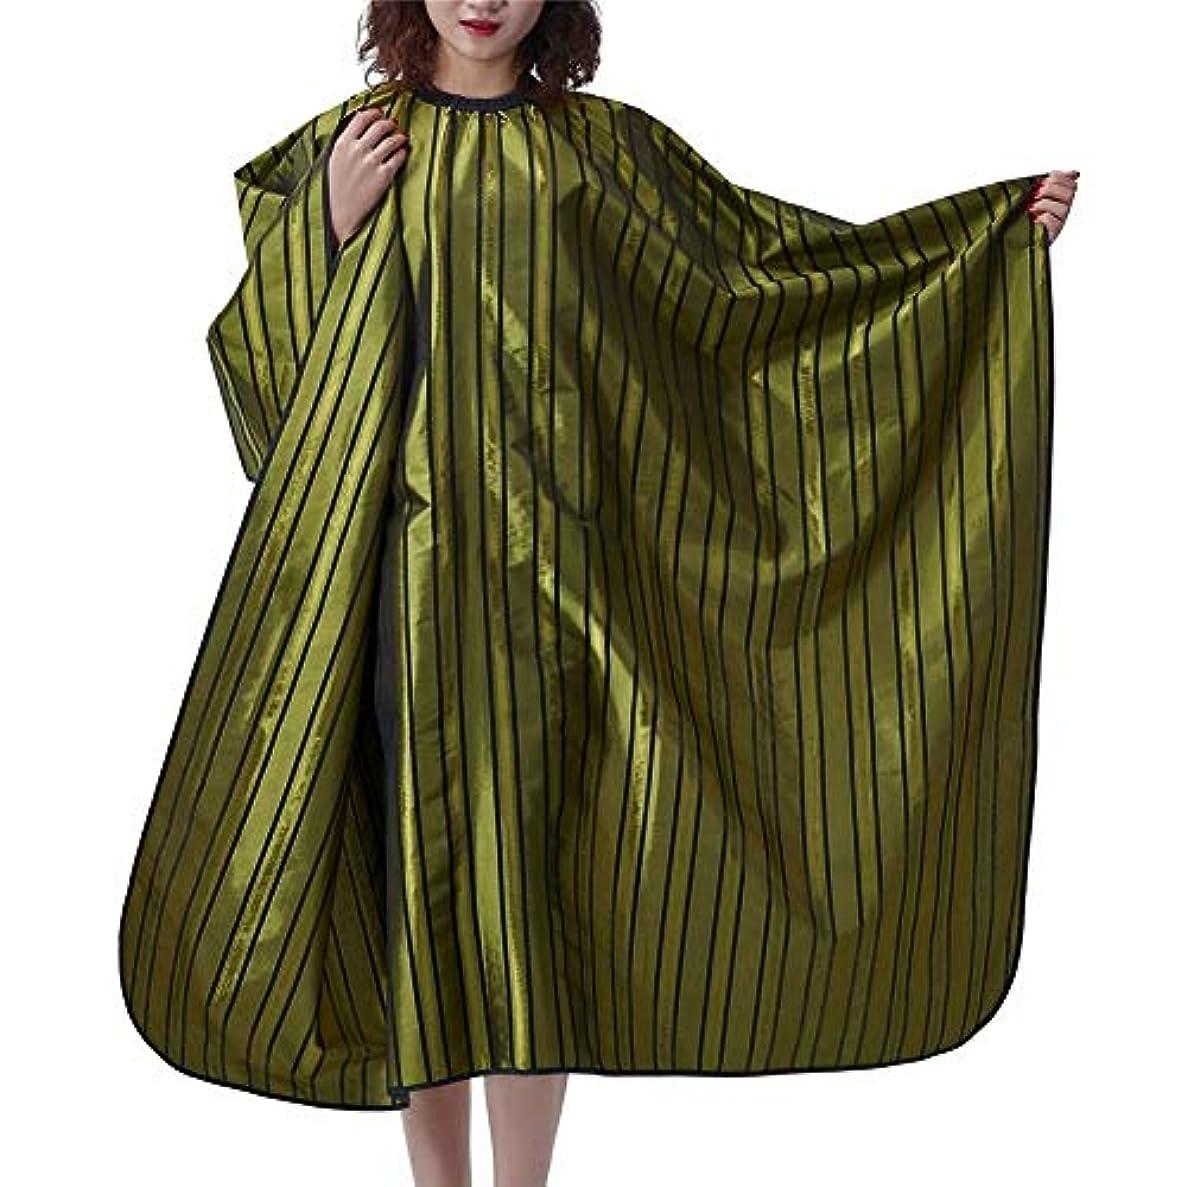 アレイ不透明なミリメートルHIZLJJ ヘアスタイリスト、クライアント、男性、女性用のスナップ付きのサロンとバーバーケープ-ヘアカット、スタイリング、トリミングケープとガウン-スナップ付きの理髪ガウンカバー-余分な長い、スタイリッシュ、防水 (Color : Green)